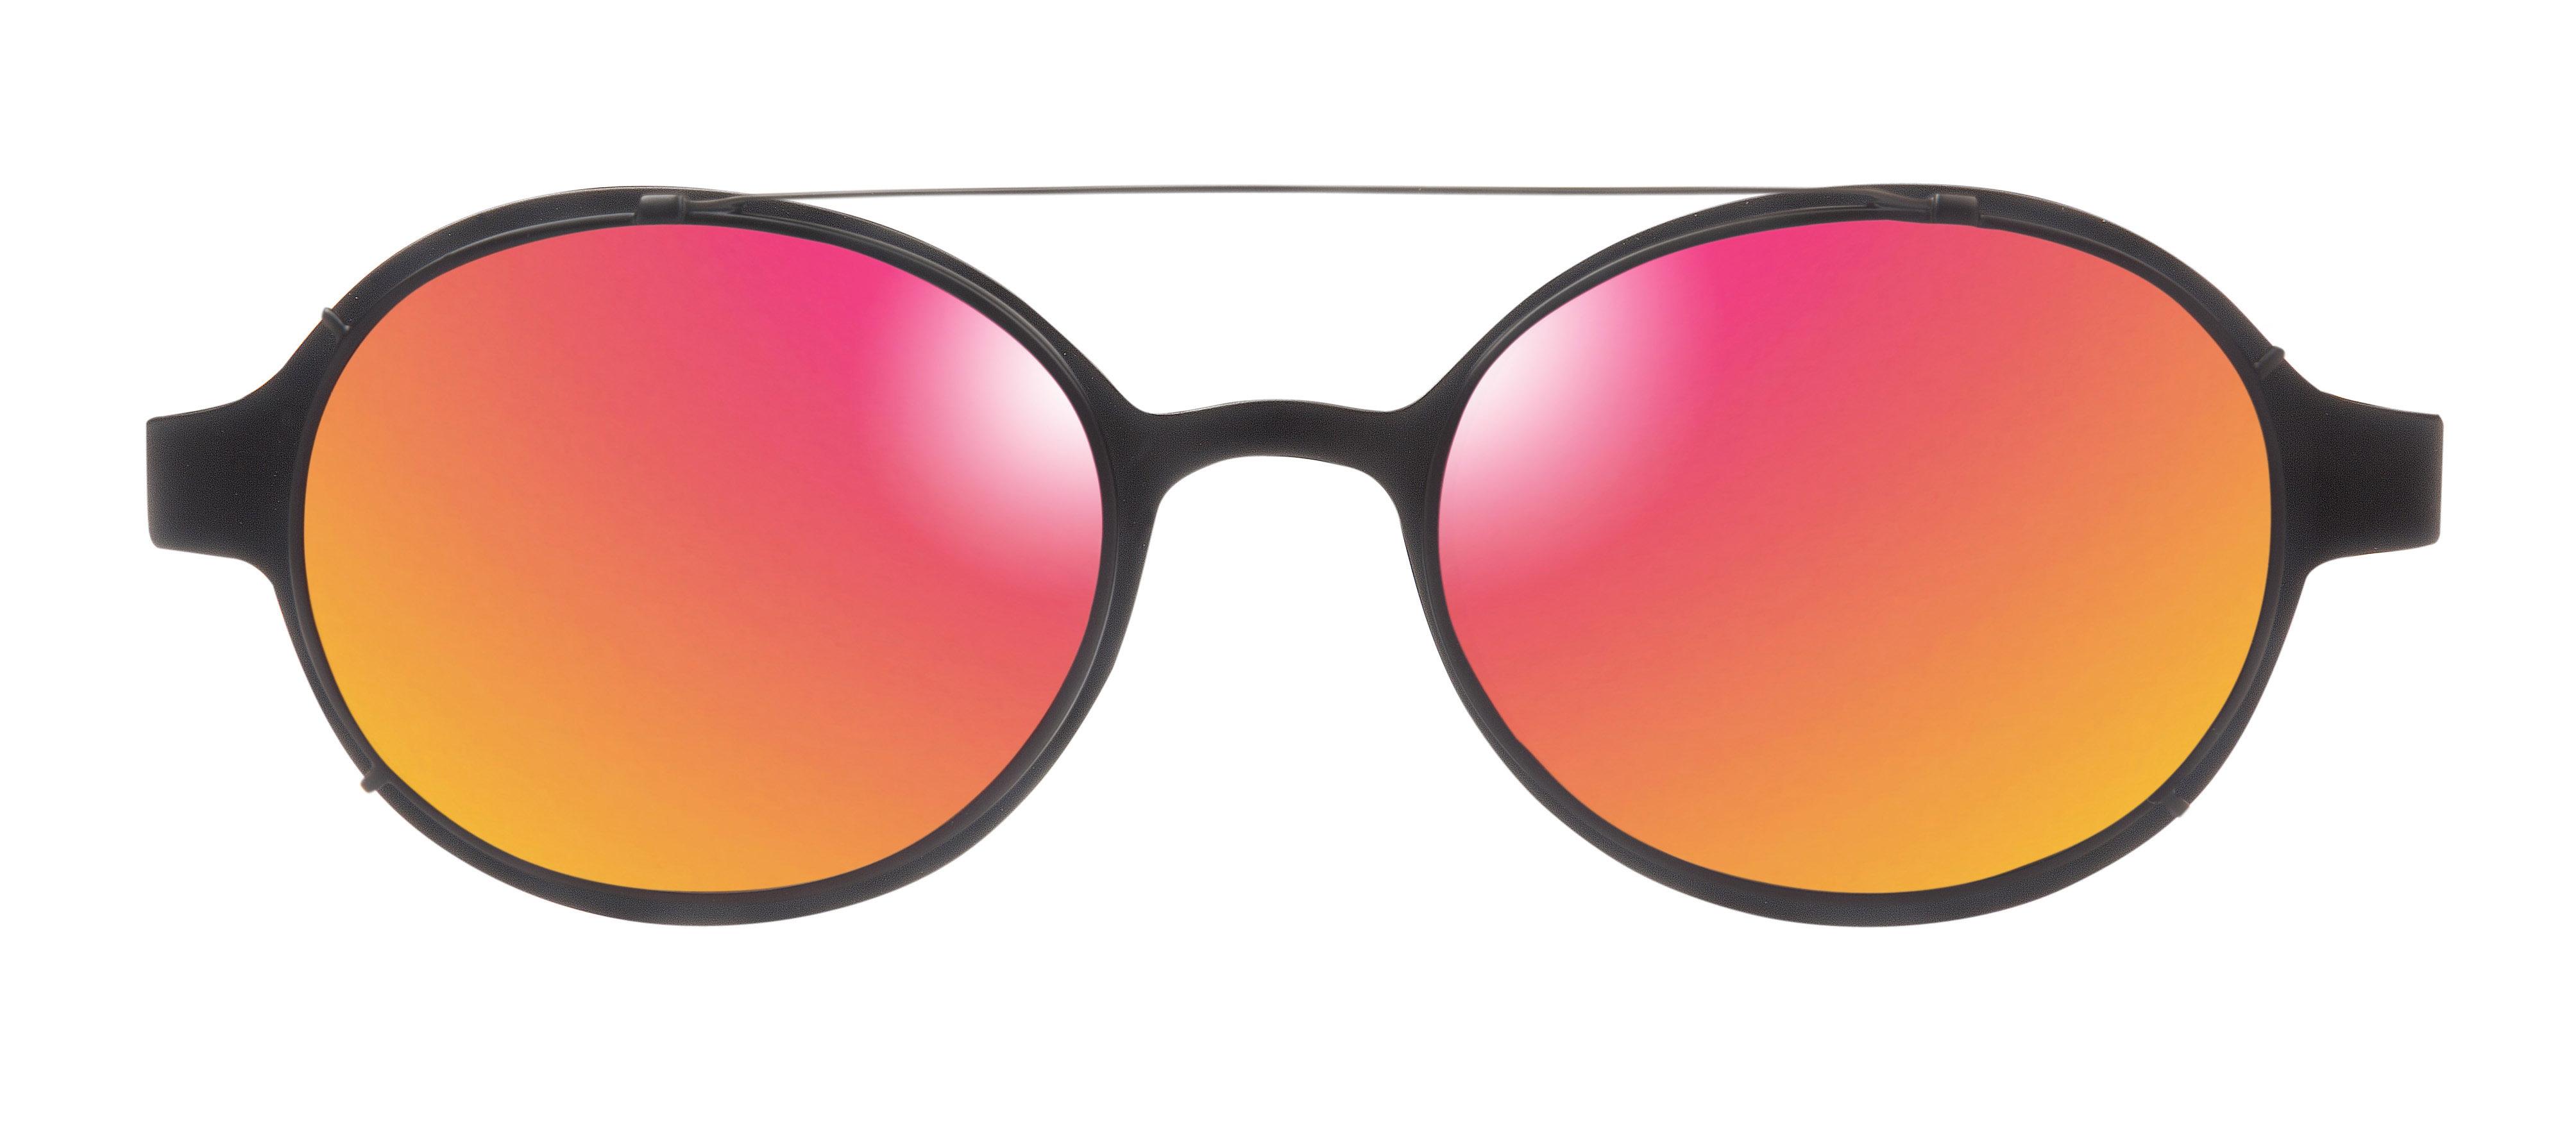 Gafas de sol motvblog p gina 3 - Emoticono gafas de sol ...